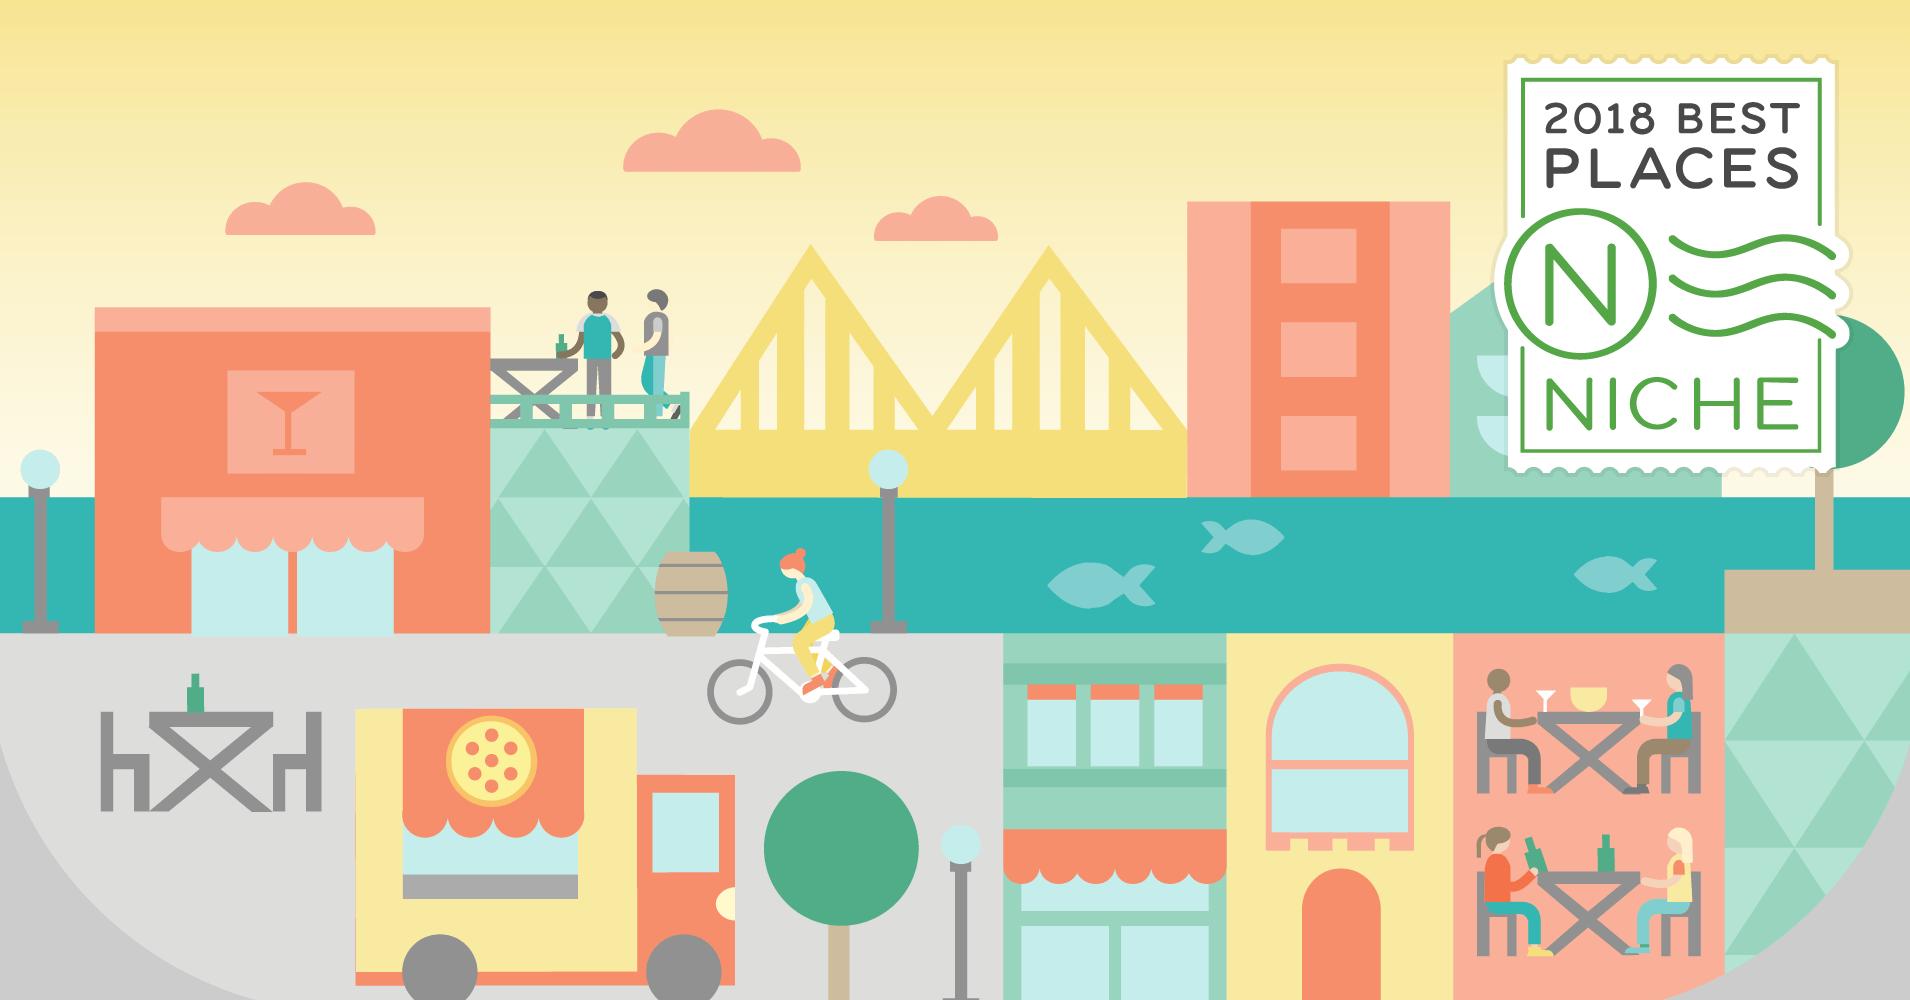 best suburbs for. Neighborhood clipart town center